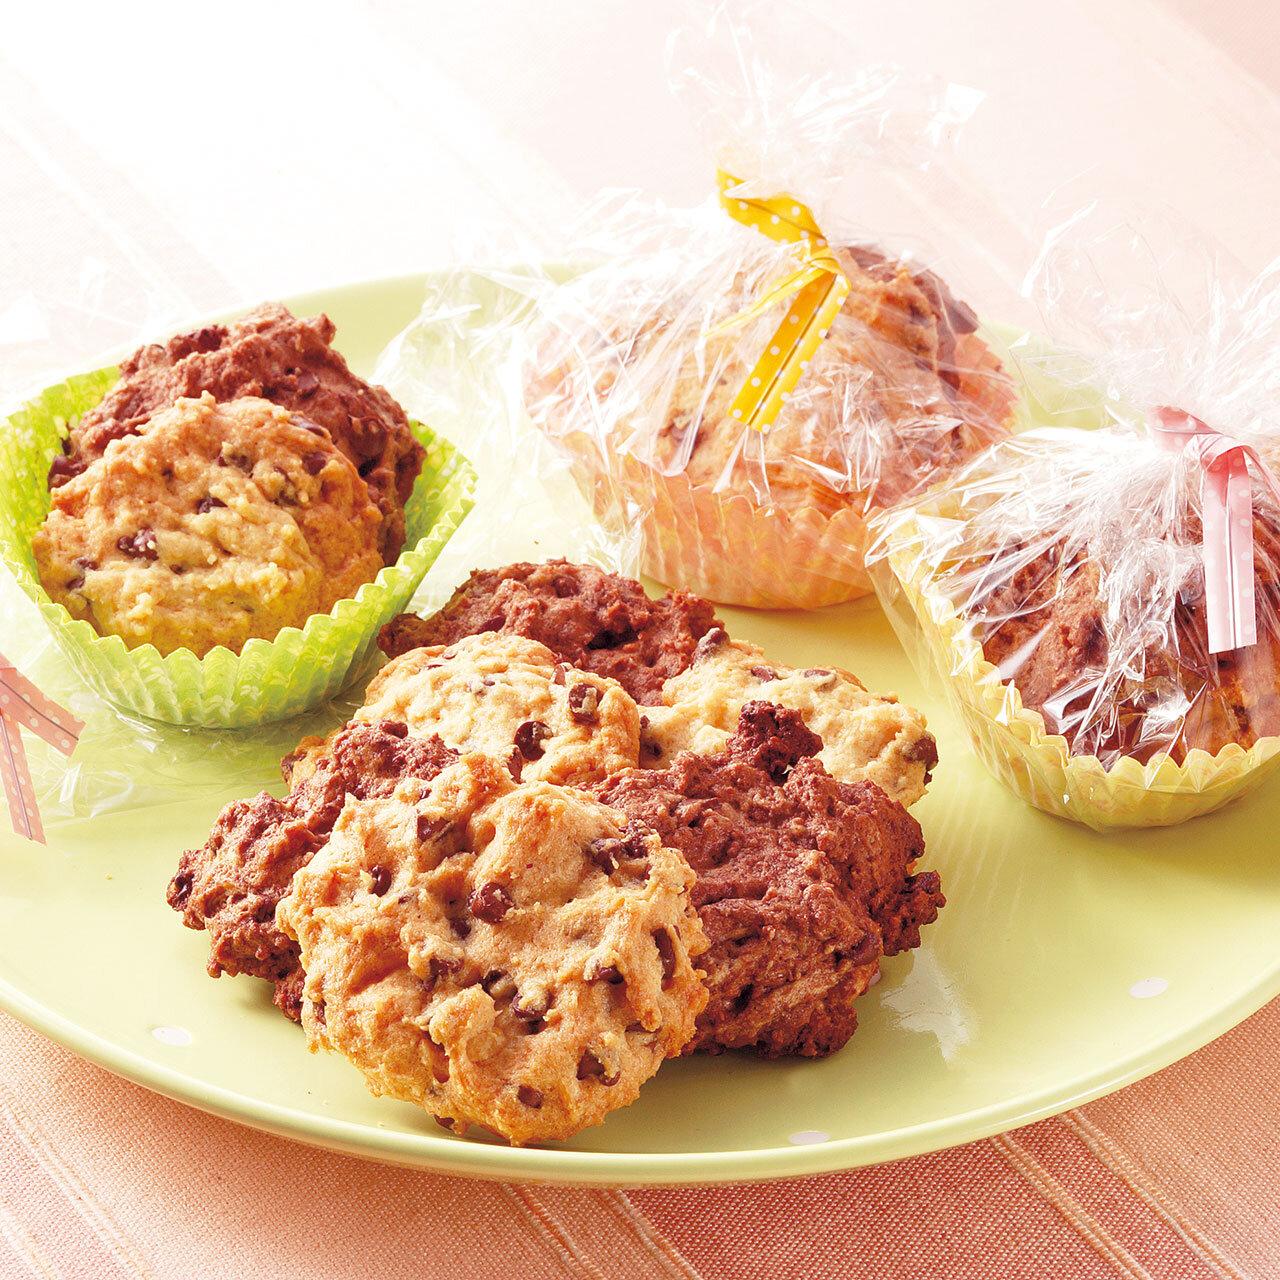 チョコチップクッキー(プレーン&ココア味)